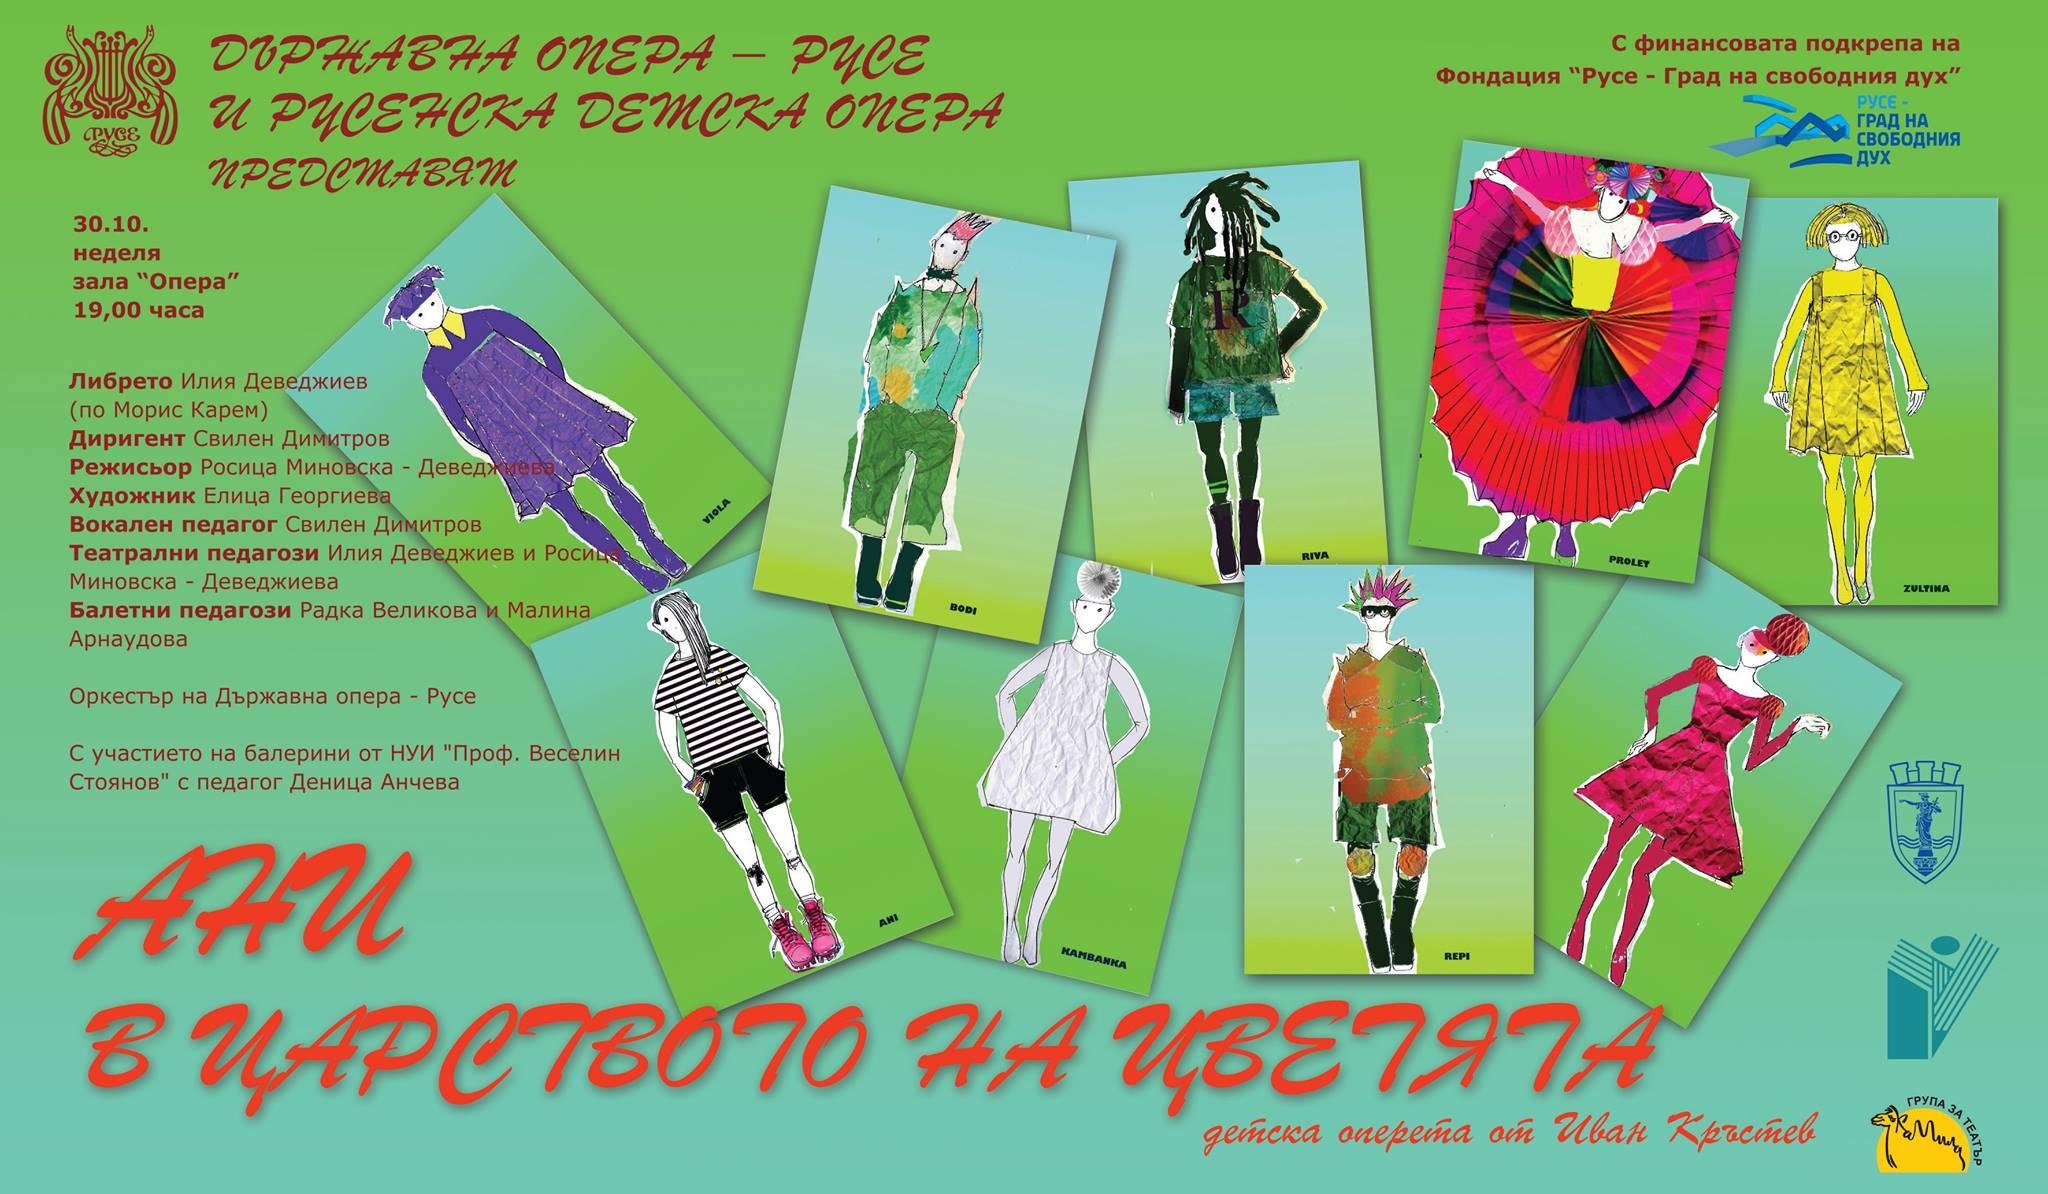 """Photo of Детската оперета """"Ани в царството на цветята"""" с премиера на 30 октомври"""